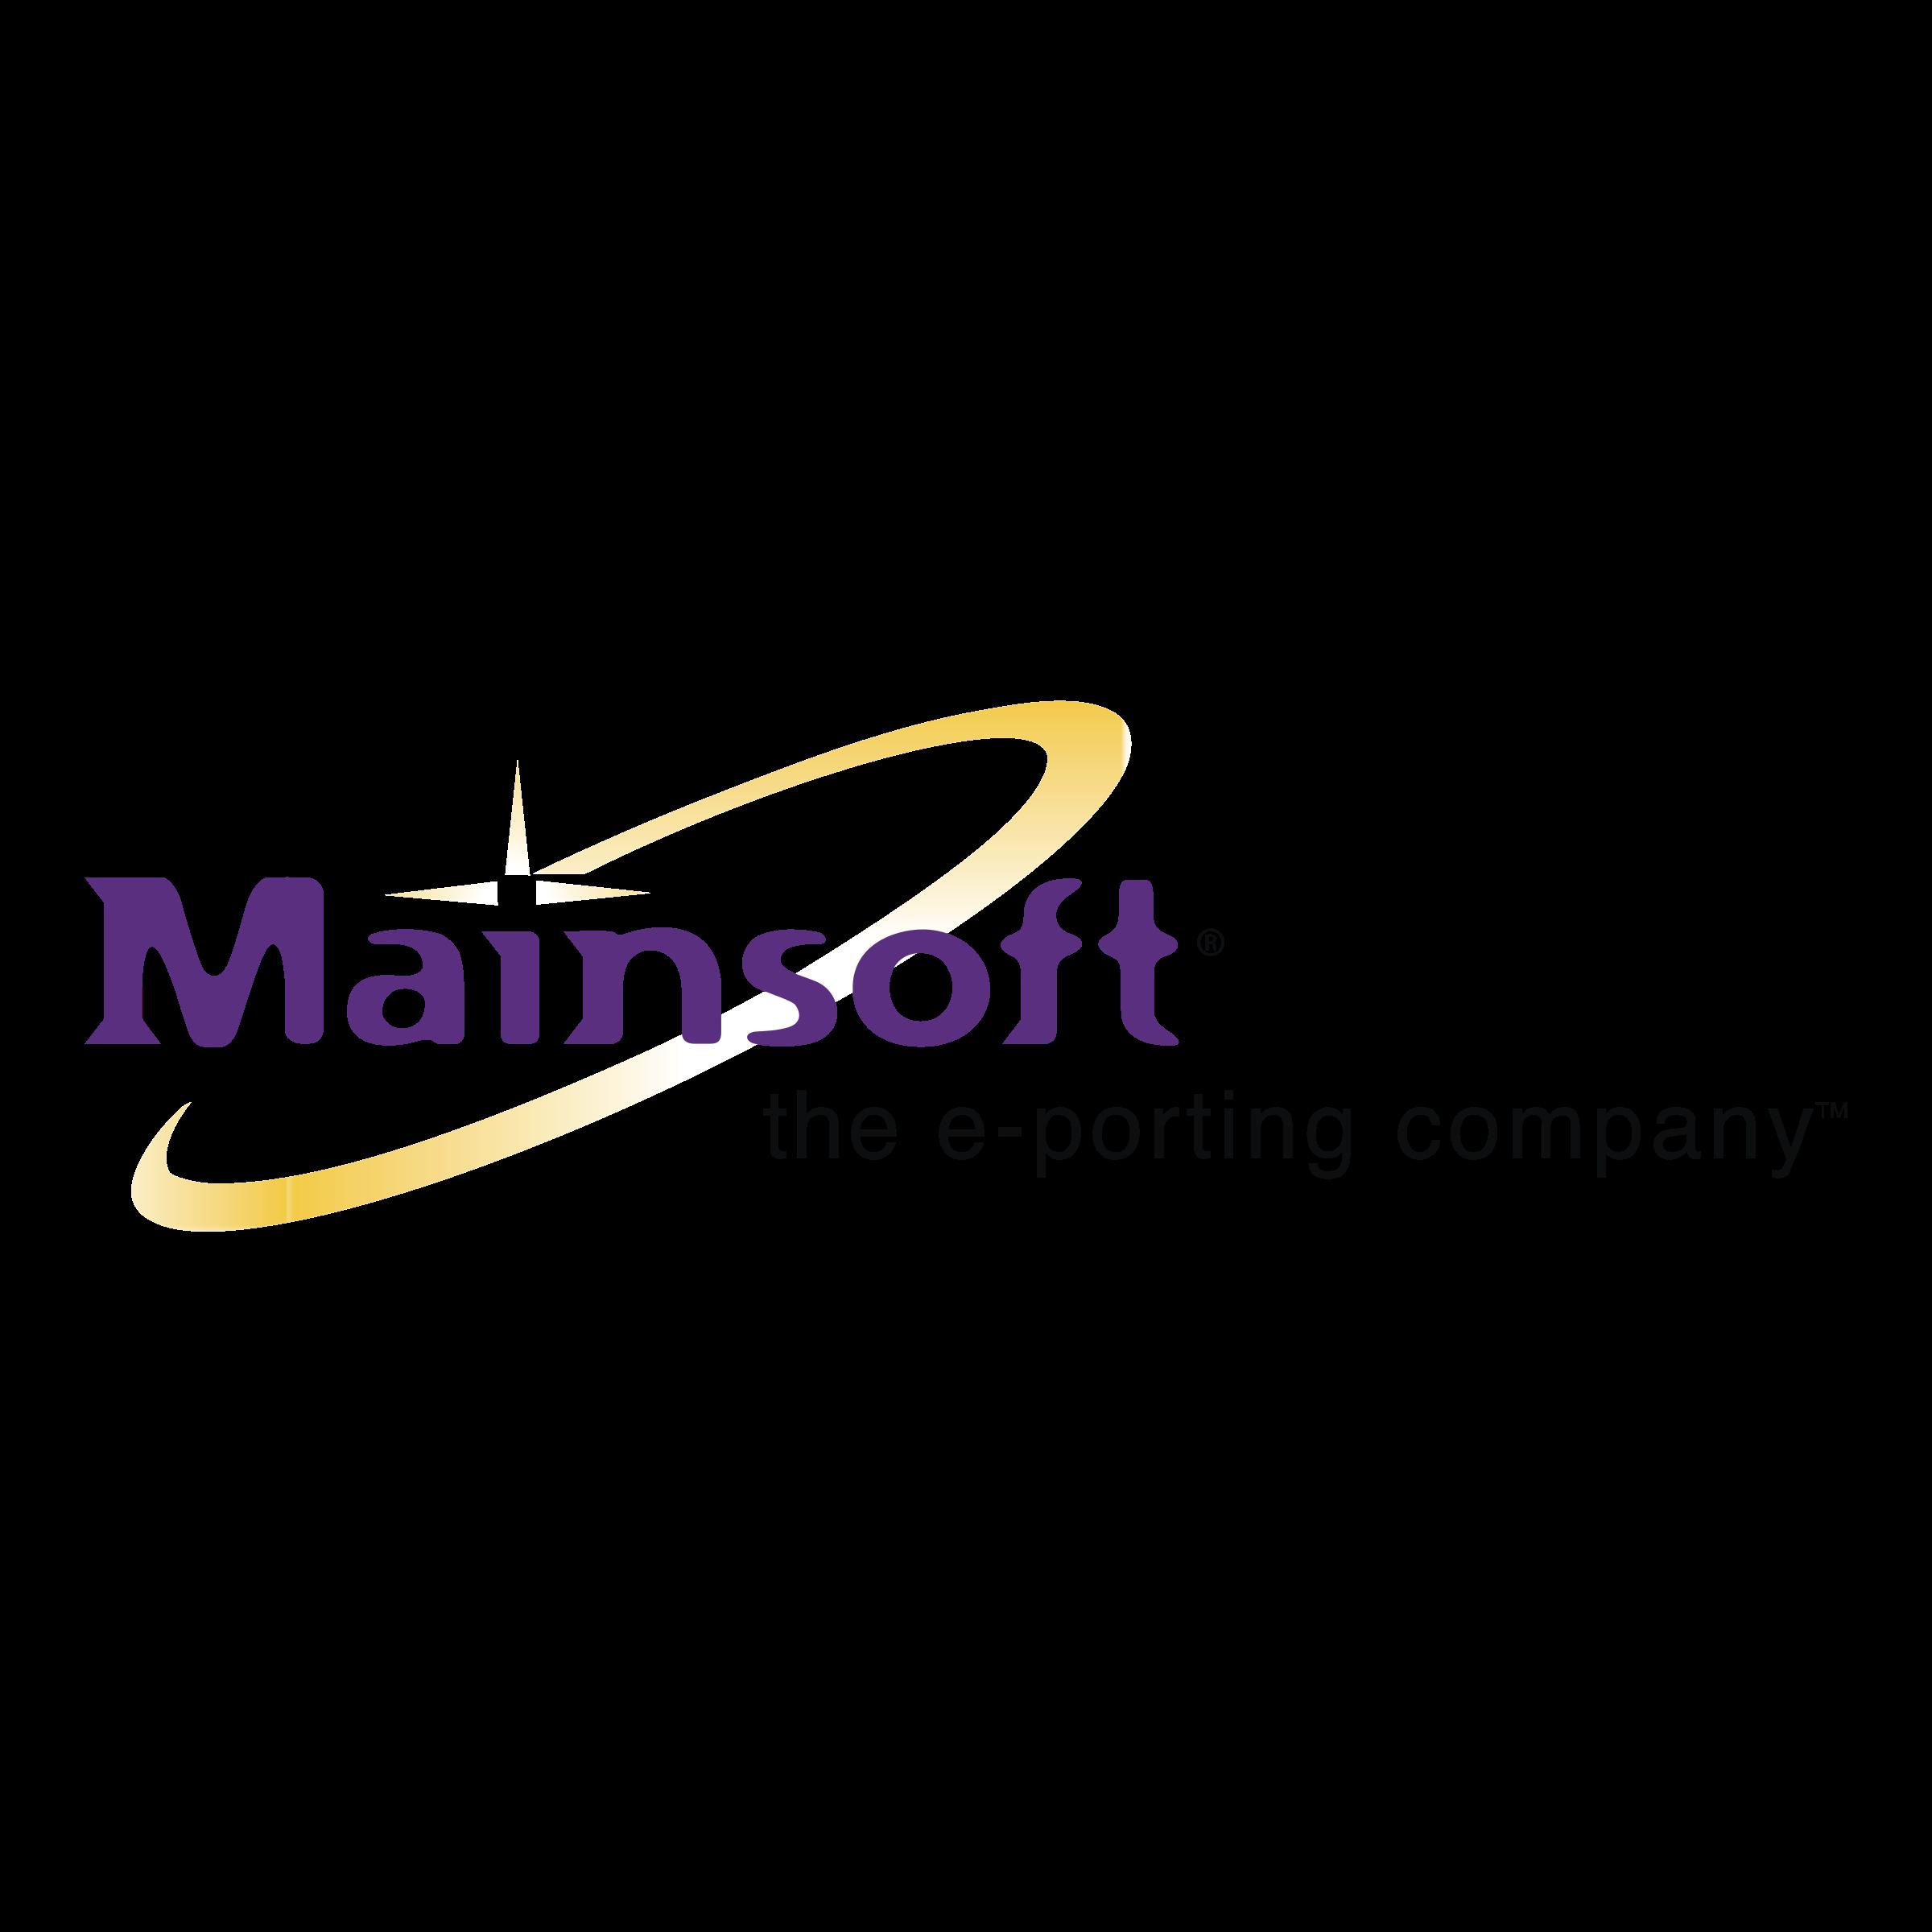 99f3ef8e661 Mainsoft Logo PNG Transparent   SVG Vector - Freebie Supply